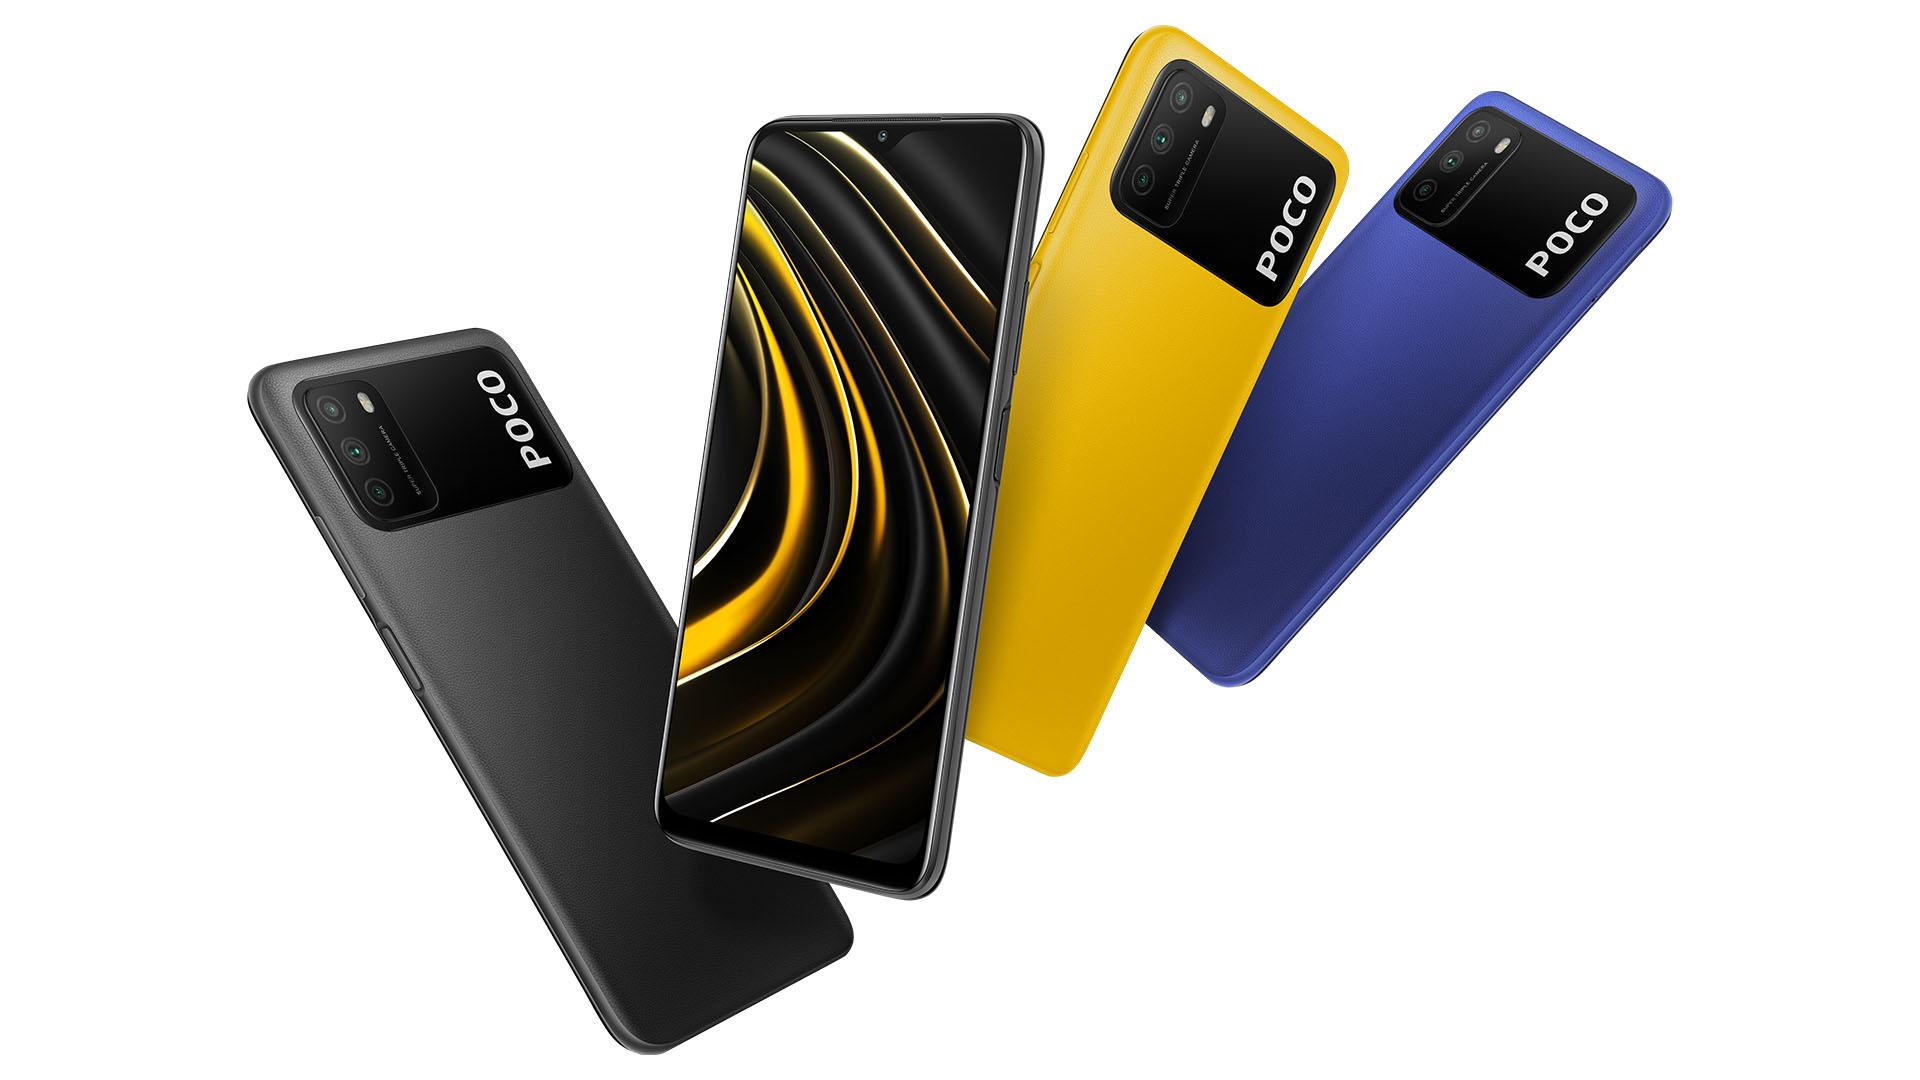 Un smartphone Xiaomi pas cher avec une grosse batterie, un abonnement cher pour Fortnite et Tesla hacké – Tech'spresso